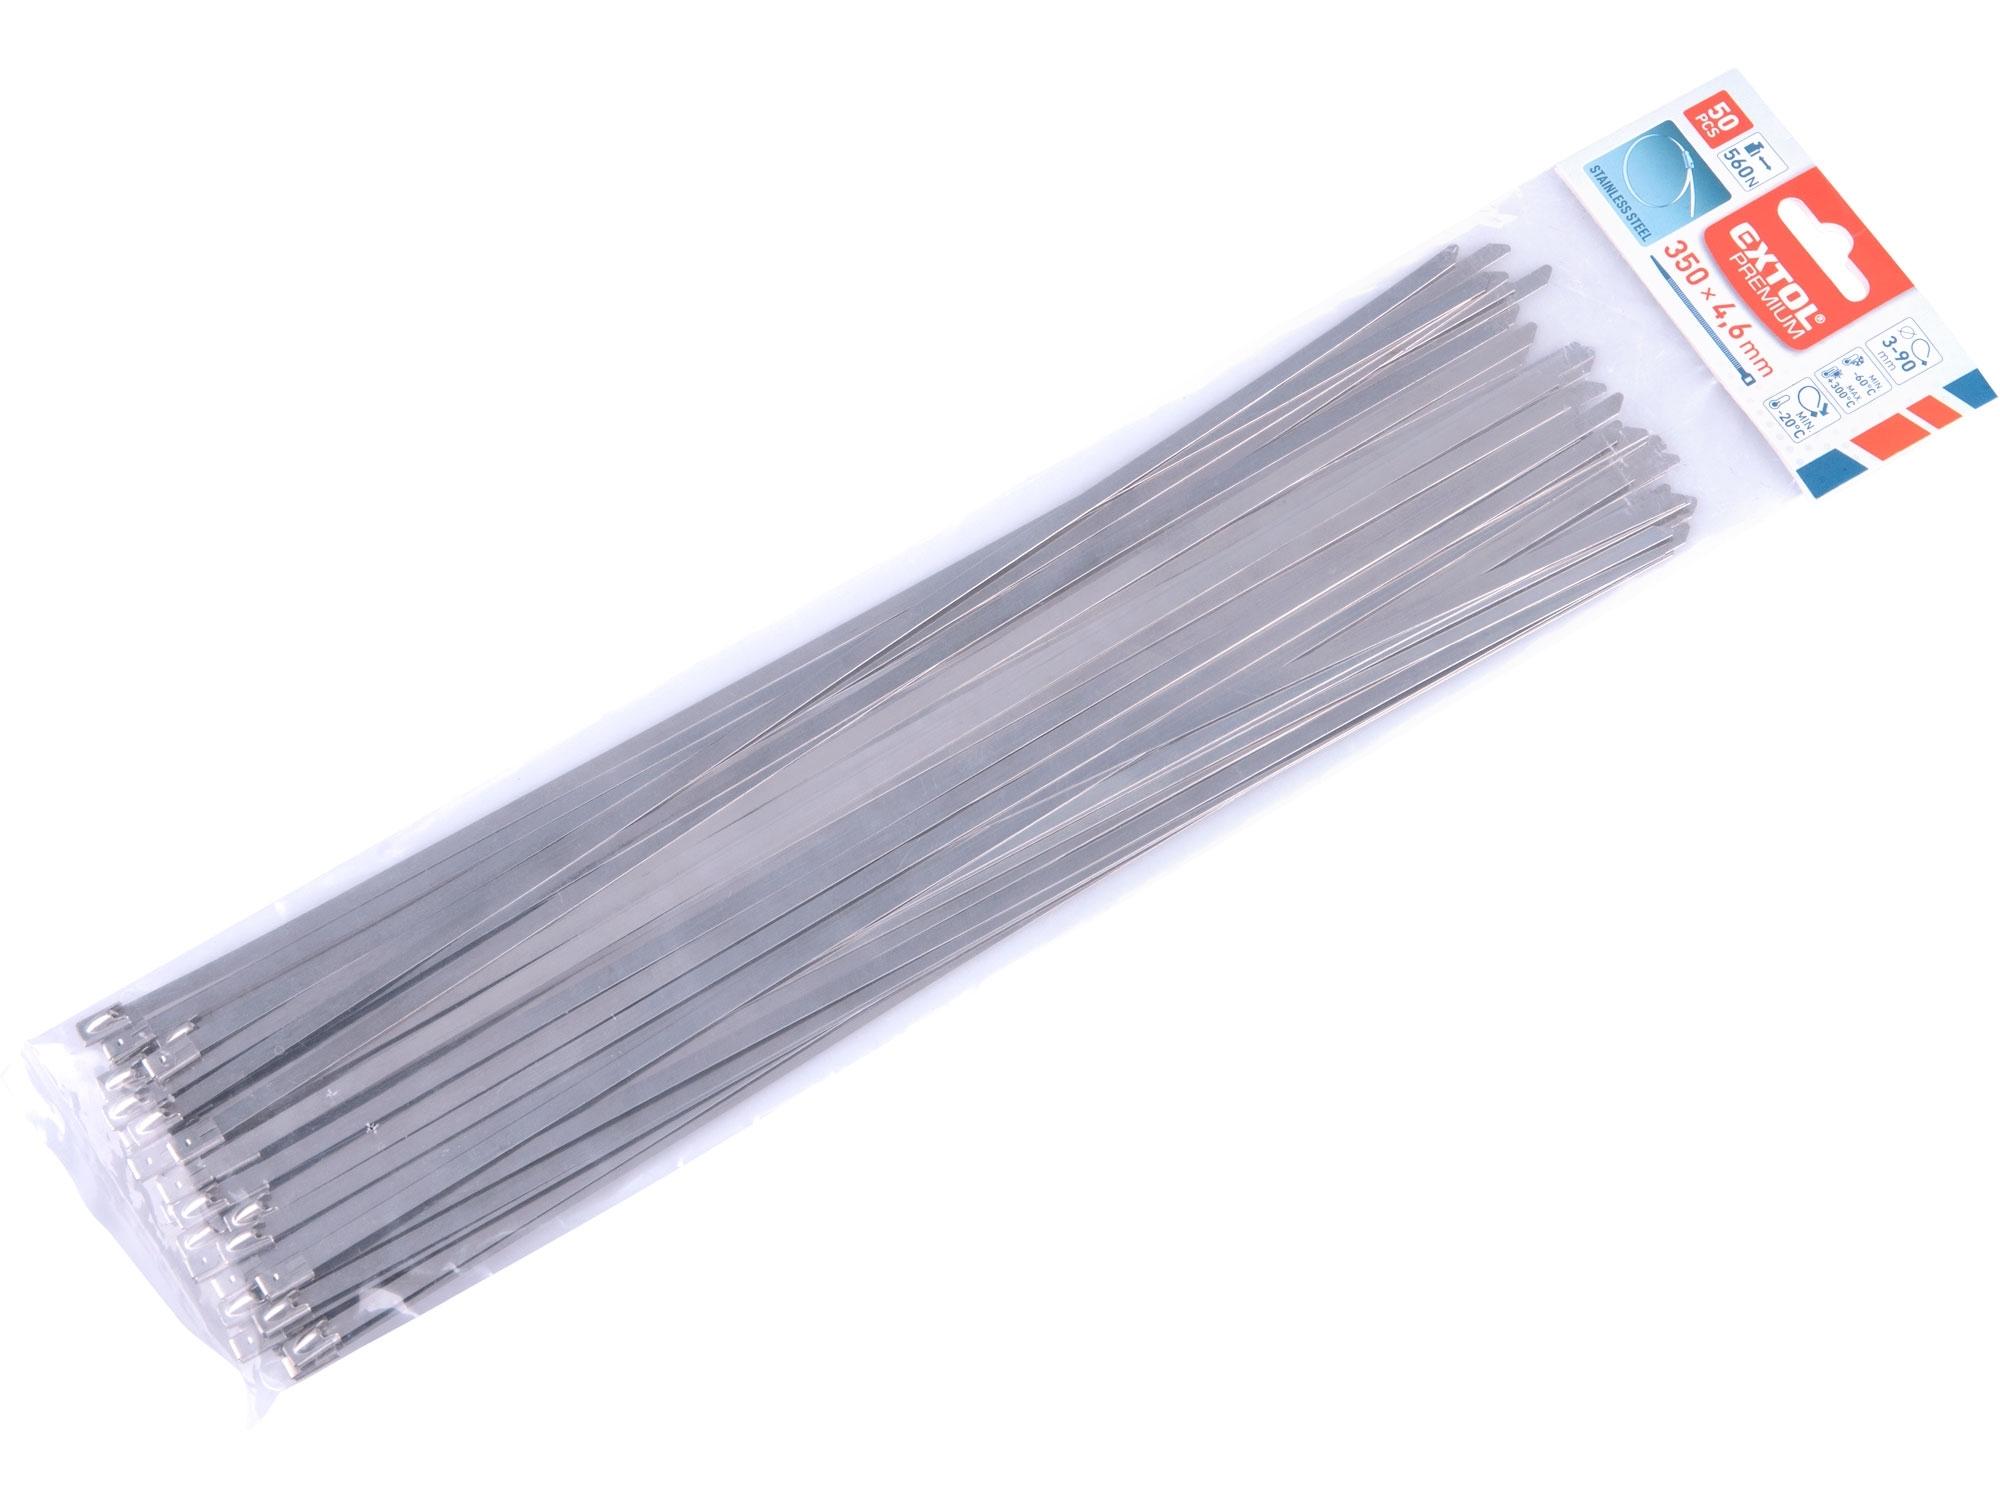 pásky stahovací NEREZ, 350x4,6mm, 50ks